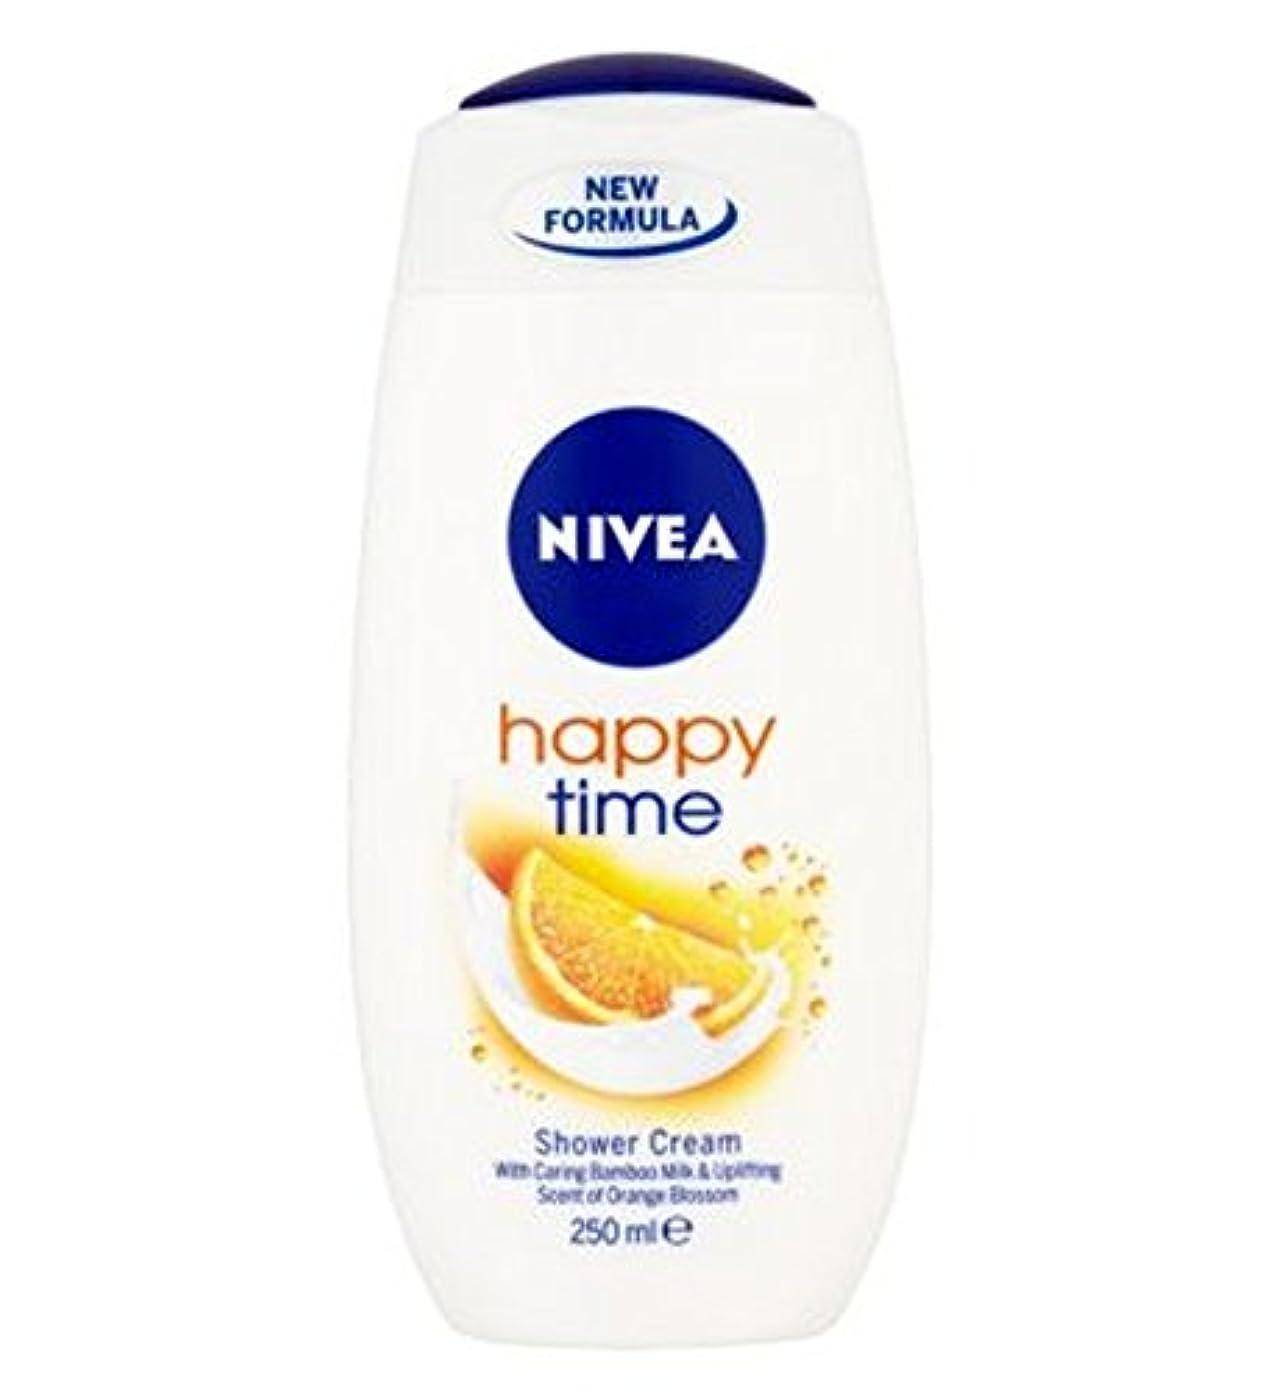 プロテスタント筋肉のかごNIVEA Happy Time Shower Cream 250ml - ニベア幸せな時間シャワークリーム250ミリリットル (Nivea) [並行輸入品]